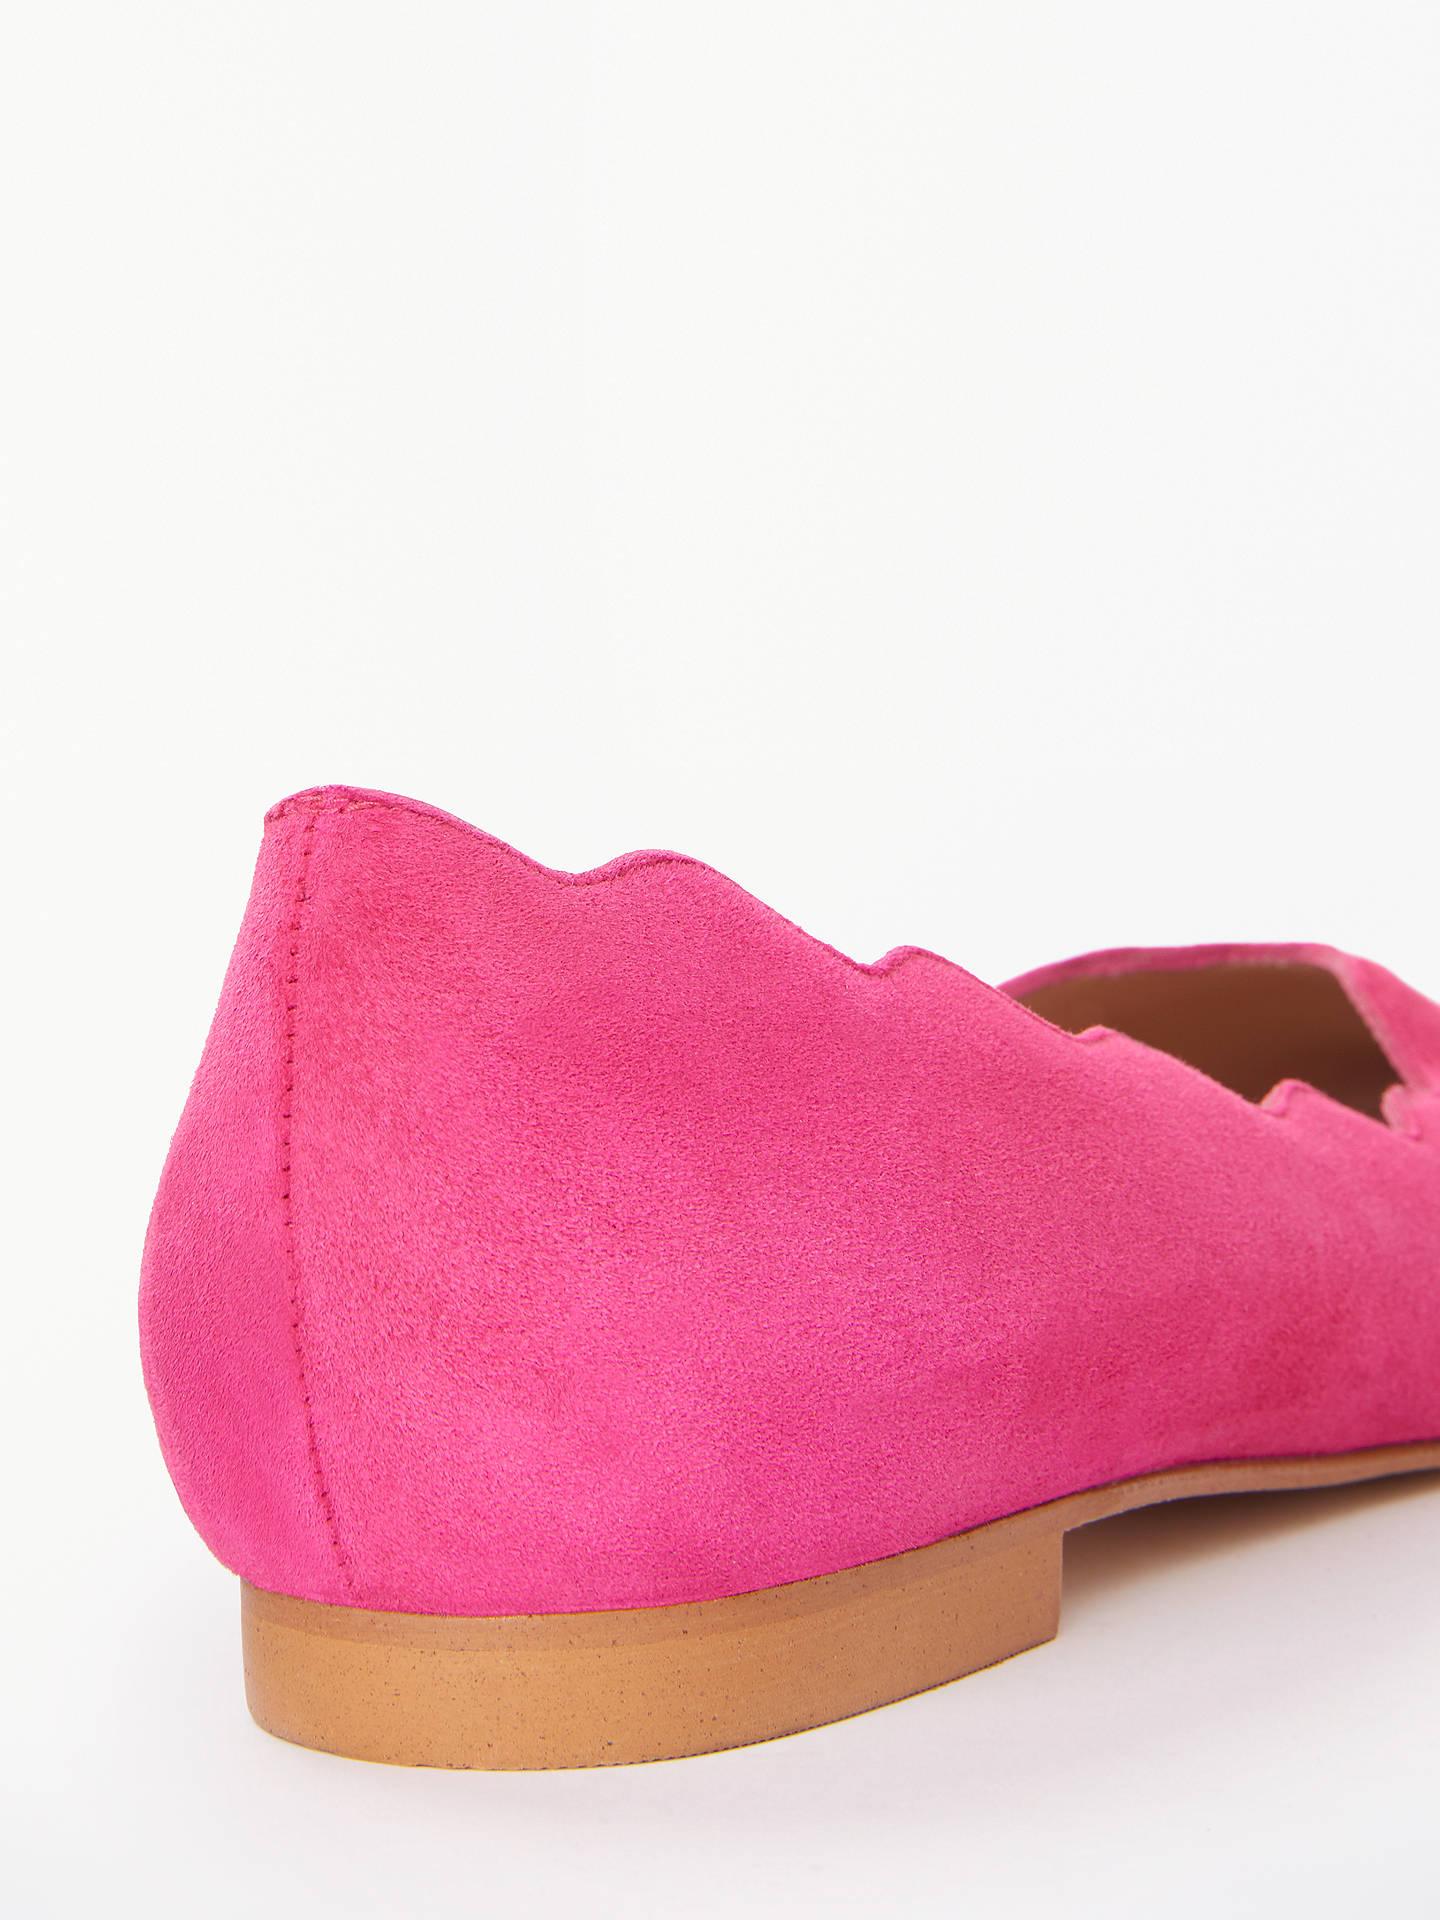 297c4985f8c John Lewis & Partners Hattie Court Shoes at John Lewis & Partners